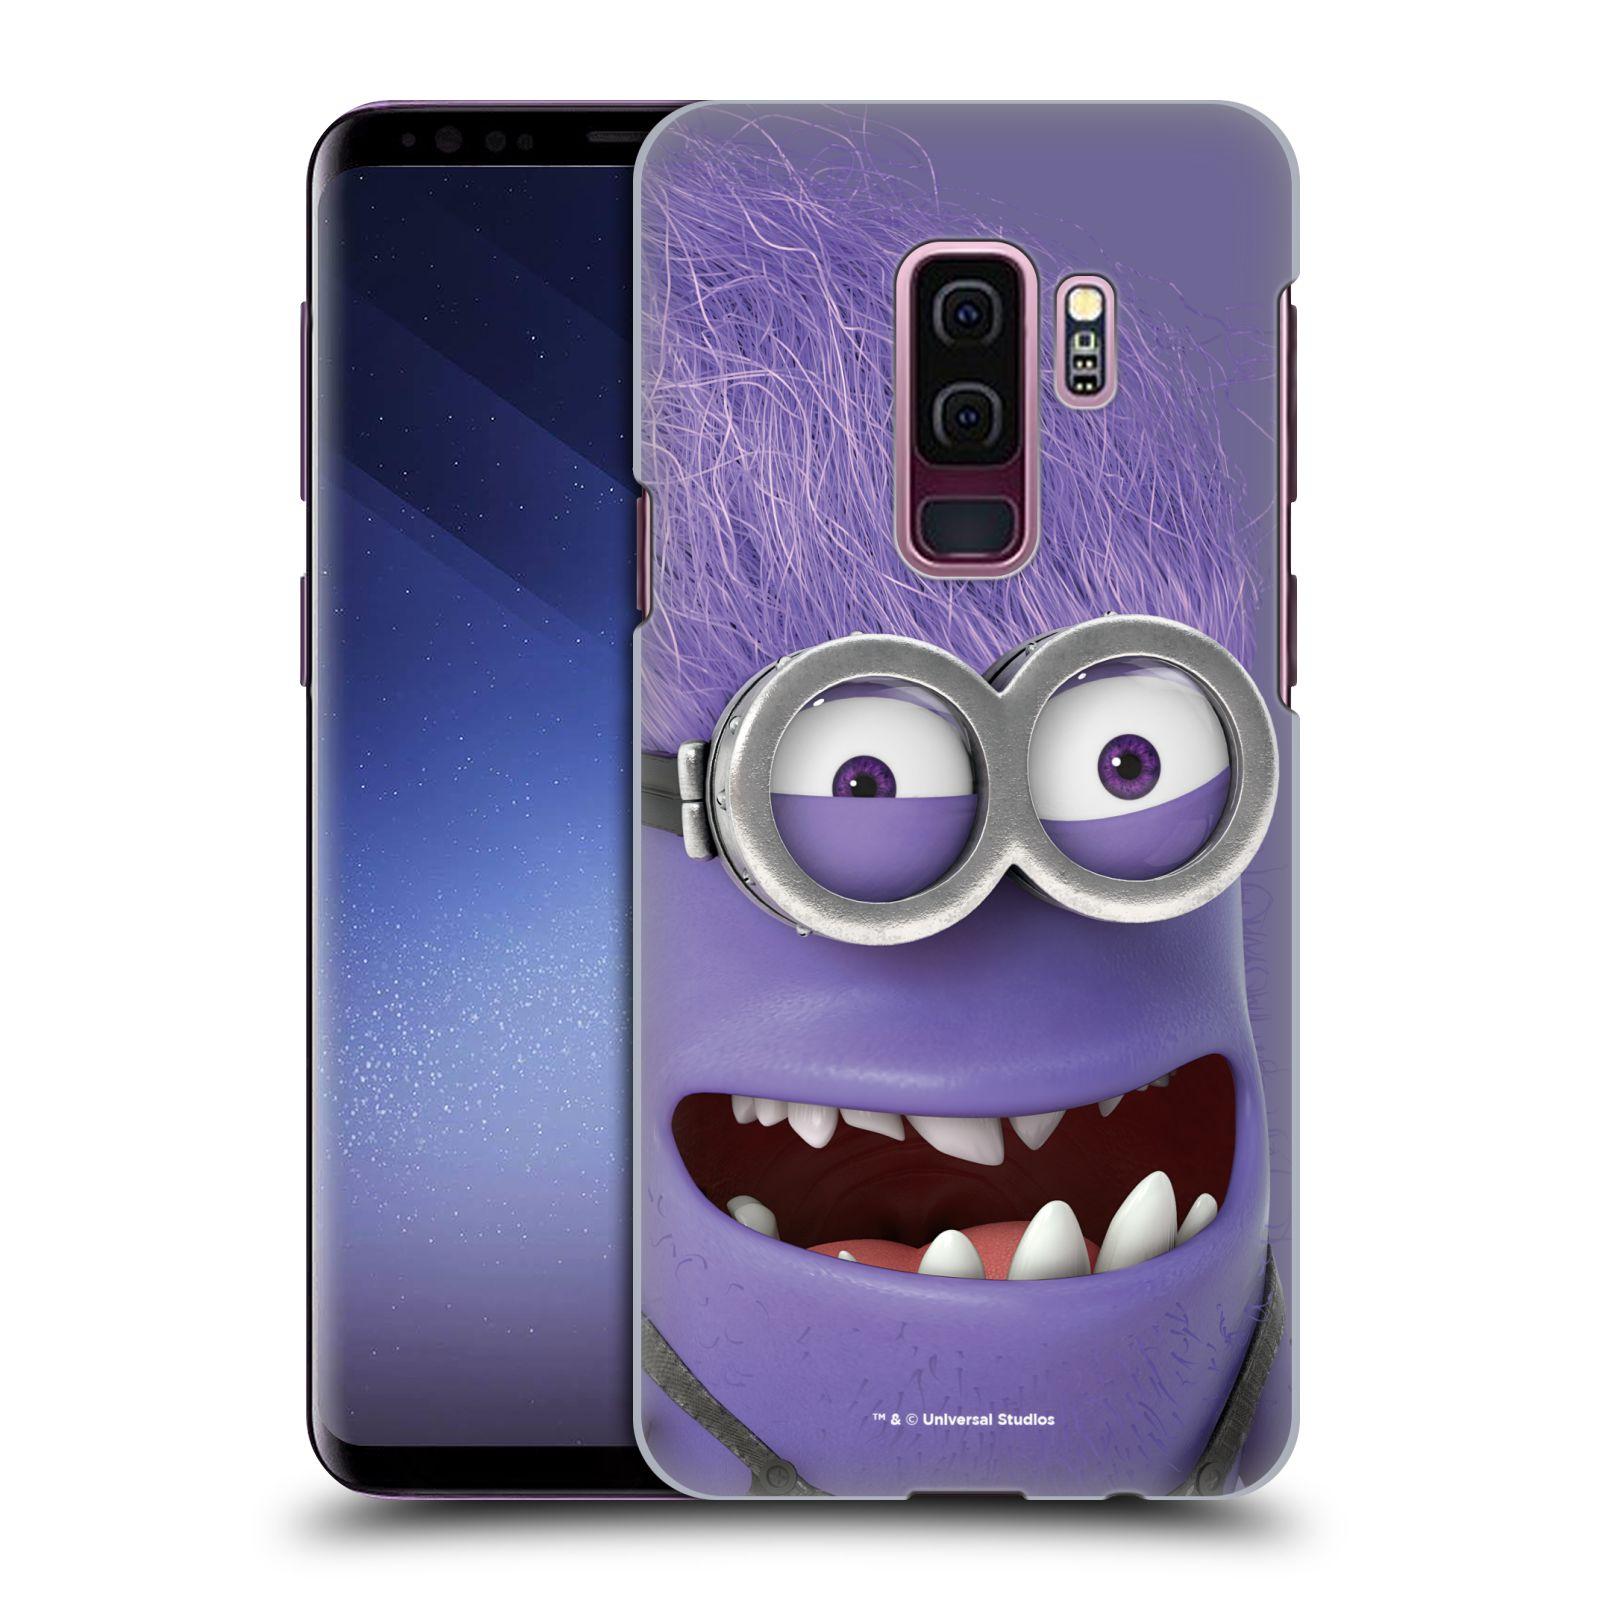 Plastové pouzdro na mobil Samsung Galaxy S9 Plus - Head Case - Zlý Mimoň z filmu Já, padouch - Despicable Me